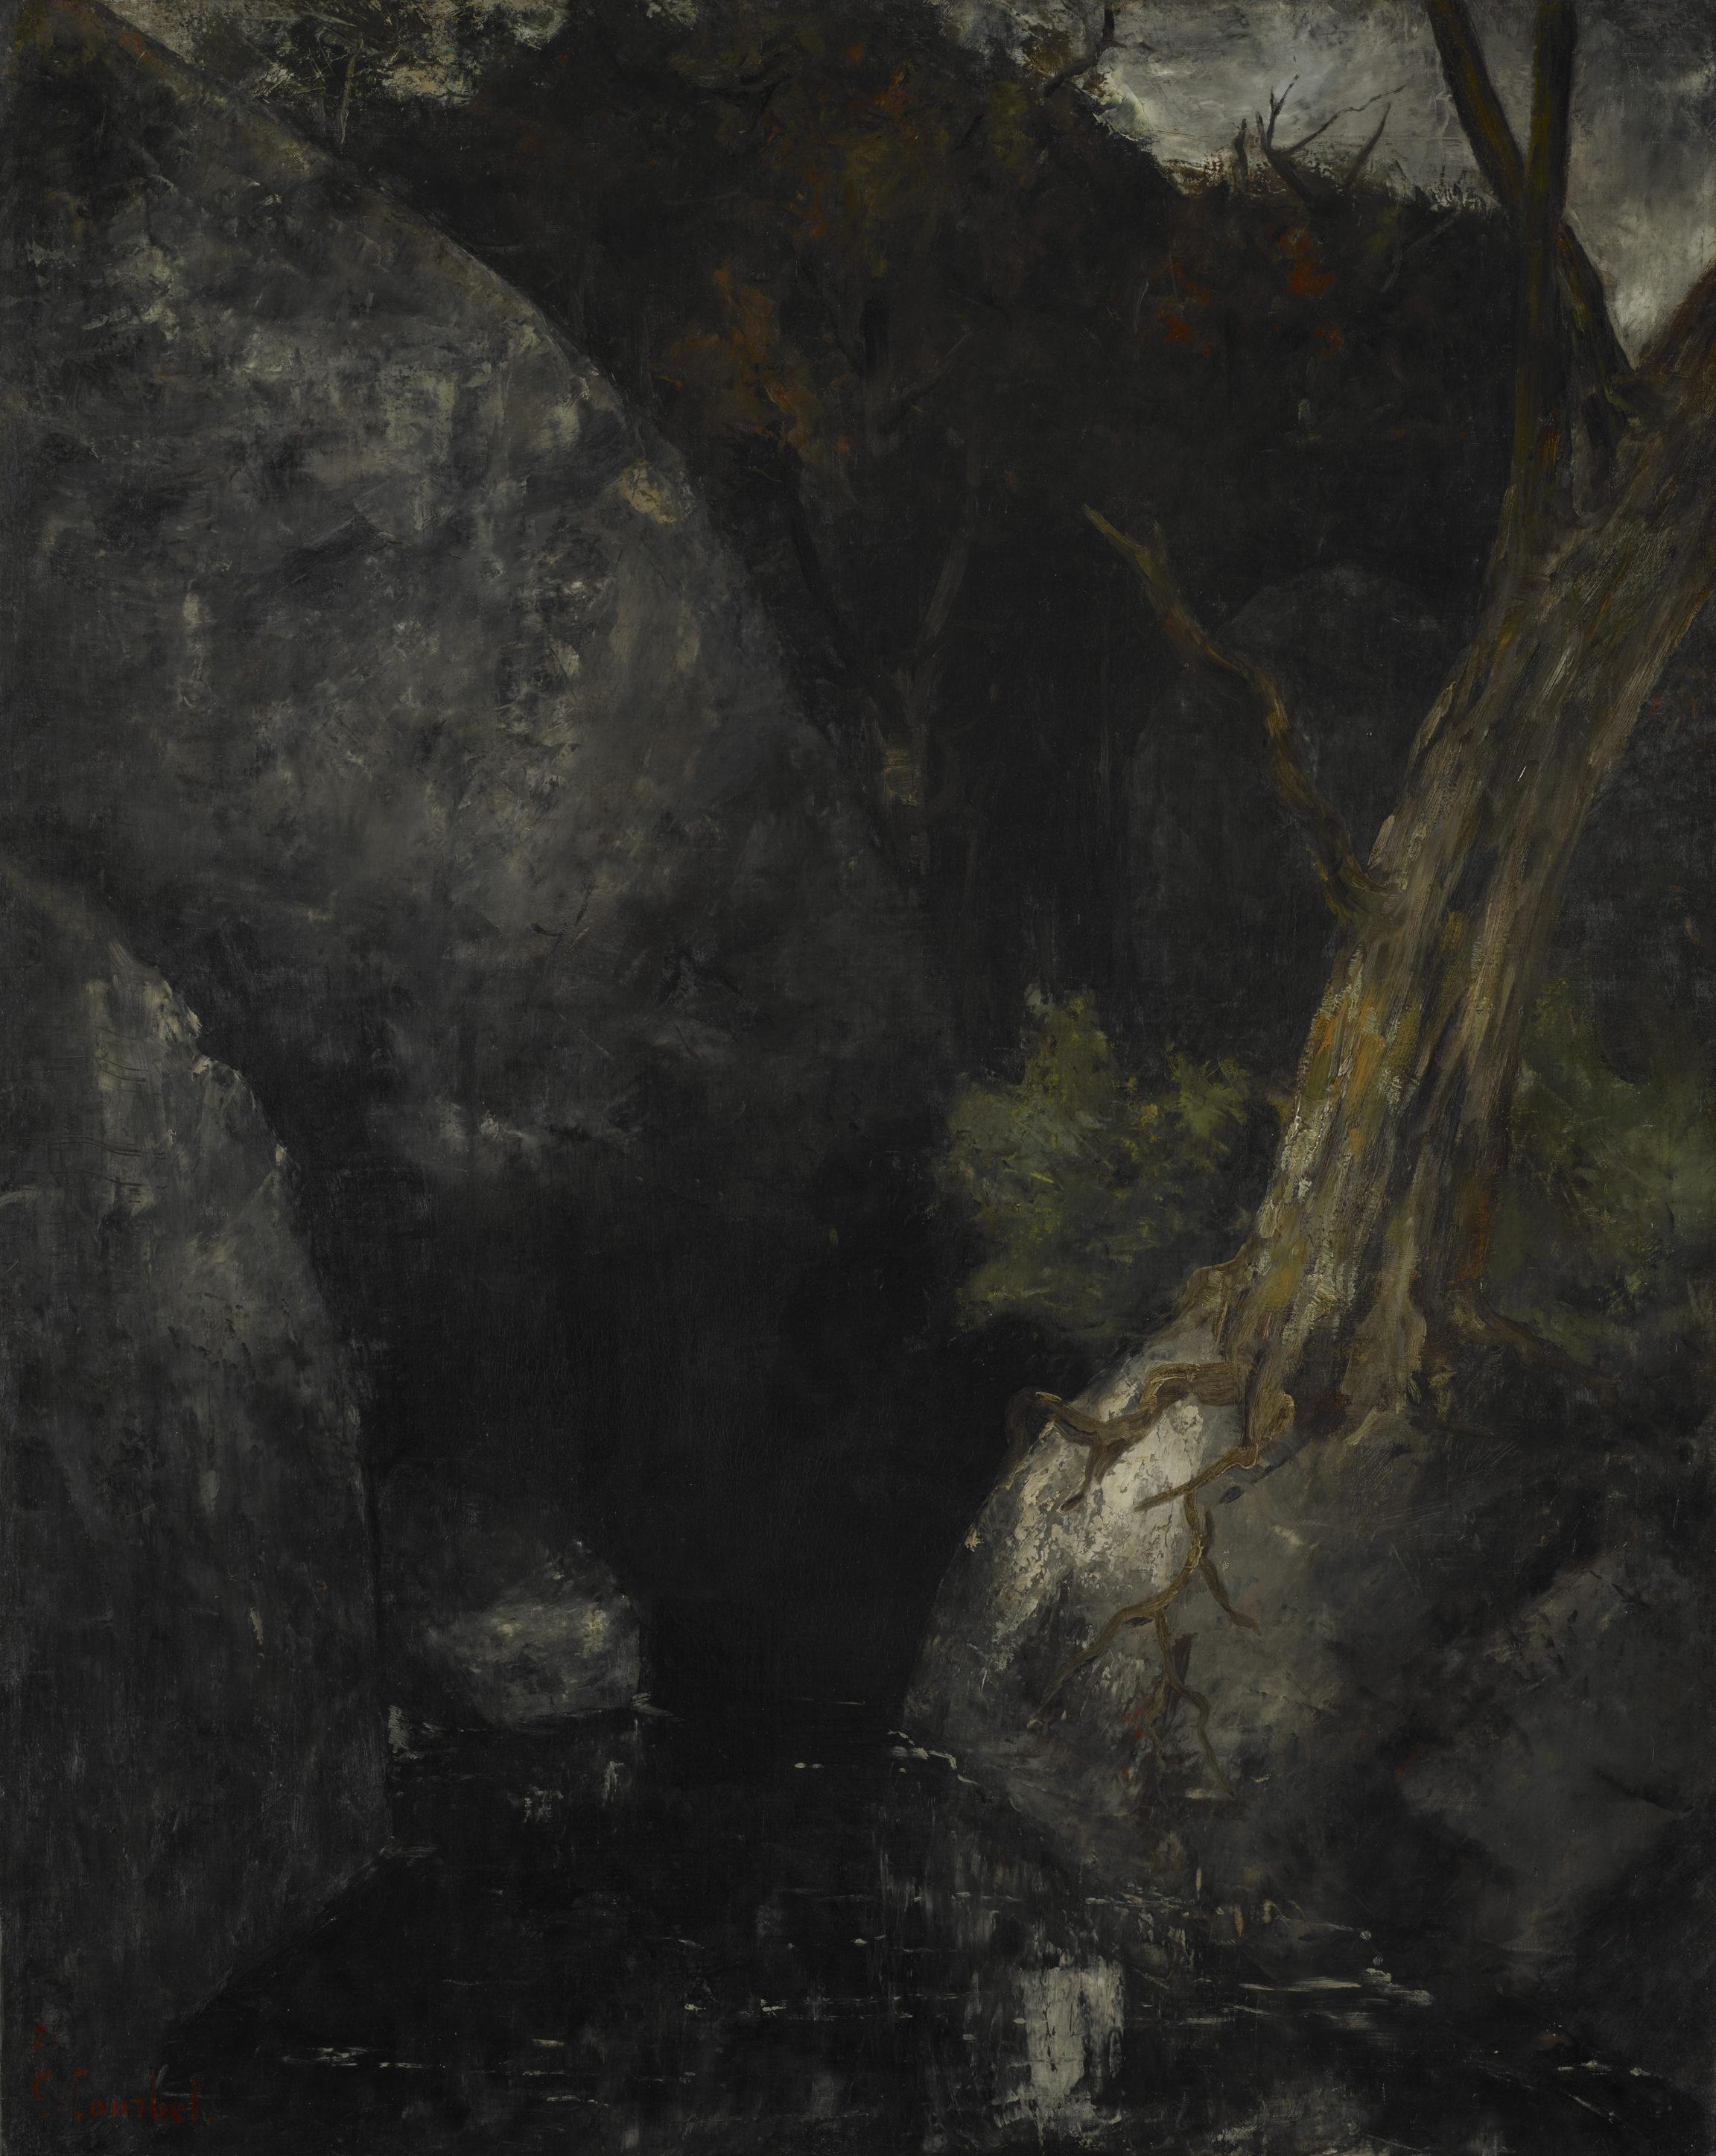 Gustave Courbet, Le vieil arbre dans la gorge, 1871